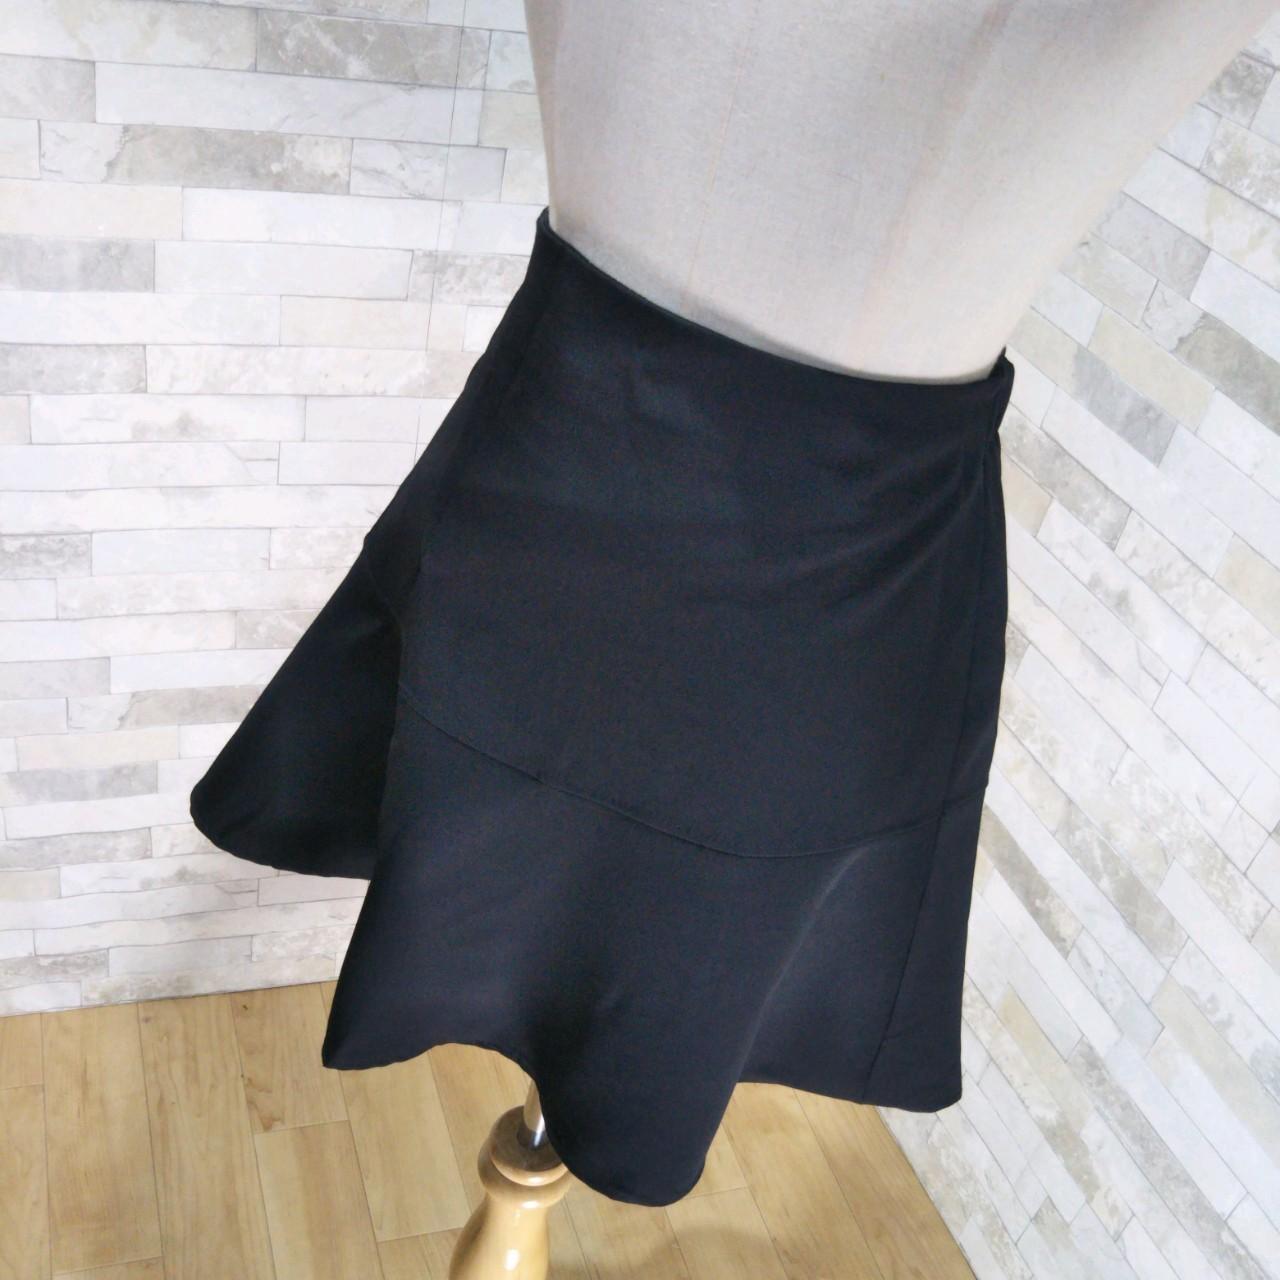 韓国 ファッション スカート ミニ ボトムス 春 夏 カジュアル PTXE657  アシンメトリー イレヘム 切り替え サーキュラー フレアスカート フェミニン  オルチャン シンプル 定番 セレカジの写真4枚目